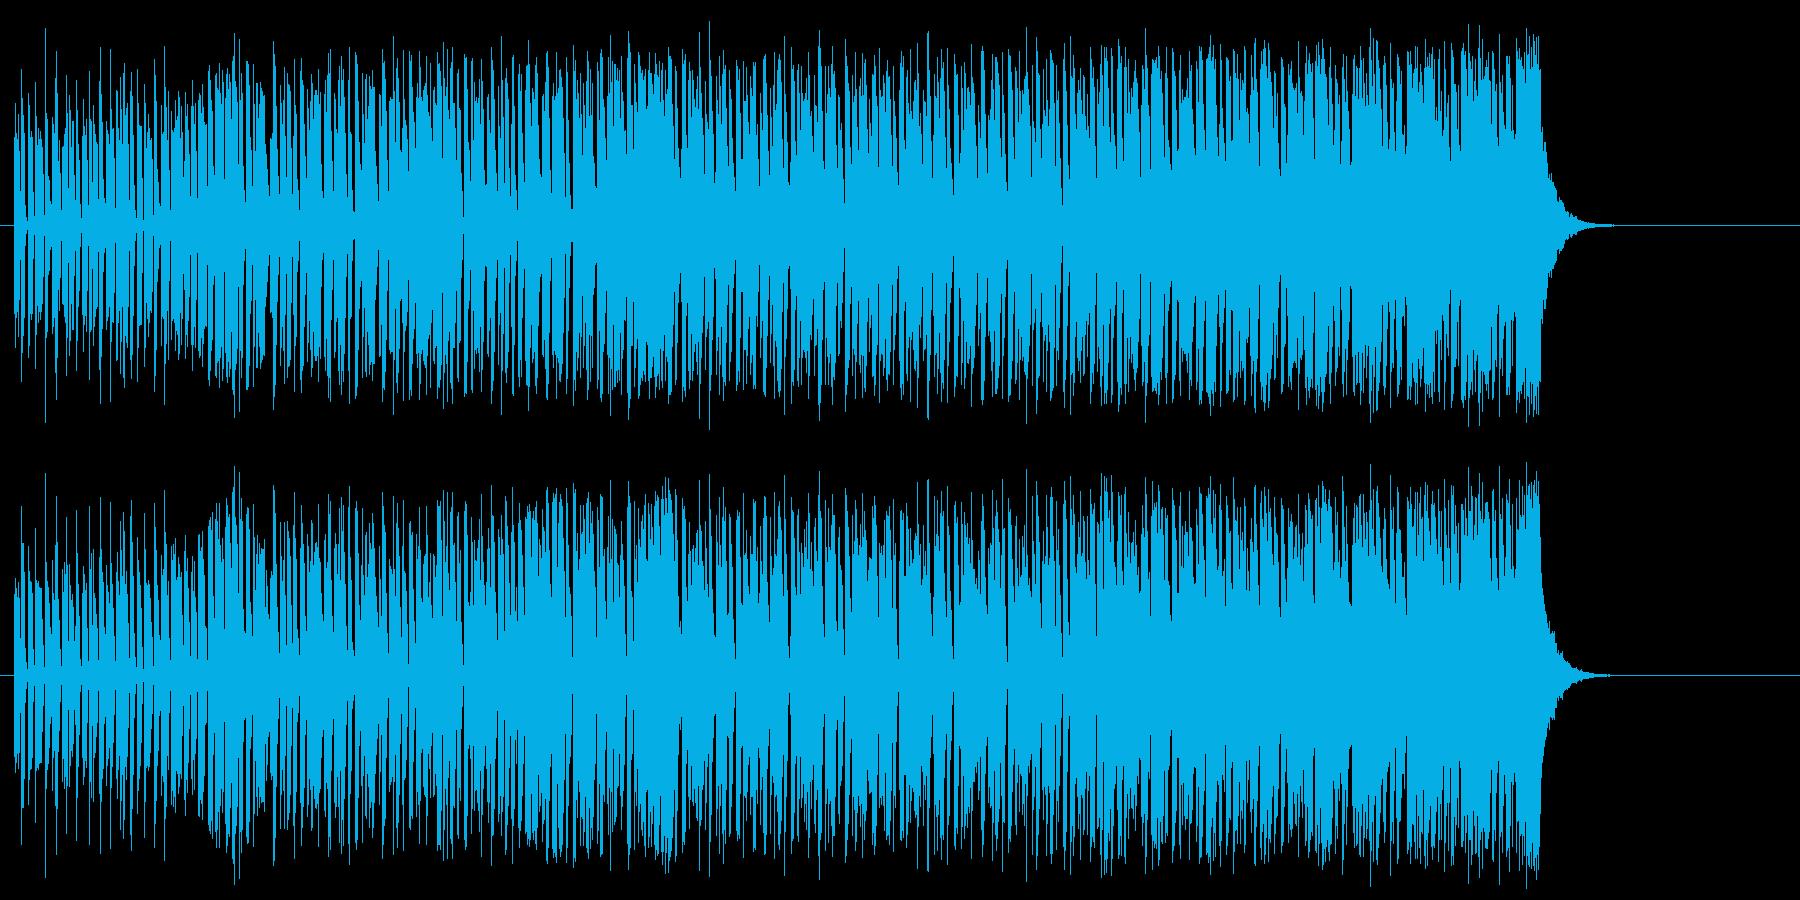 不安を抱き冷静さを失いそうになるテクノの再生済みの波形